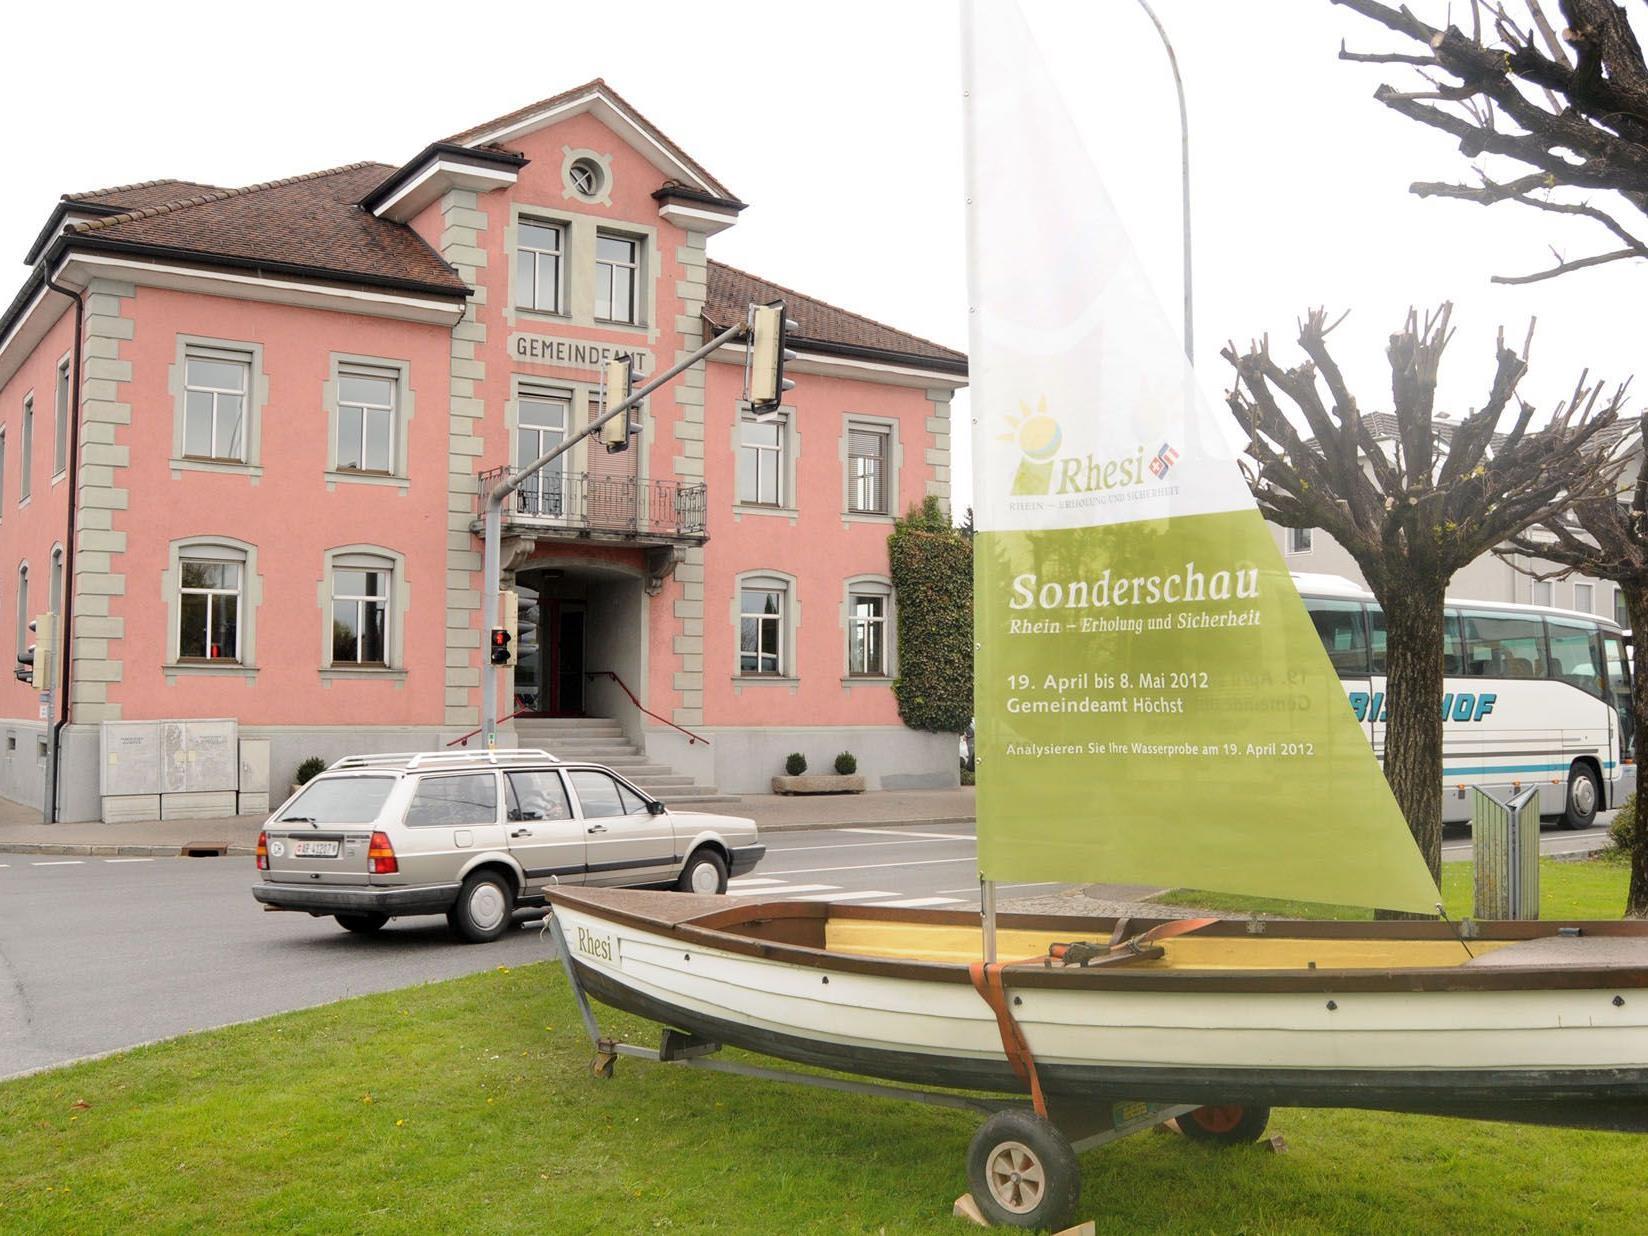 """Die ,,Rhesi"""" macht auf die Ausstellung im Gemeindeamt Höchst aufmerksam."""